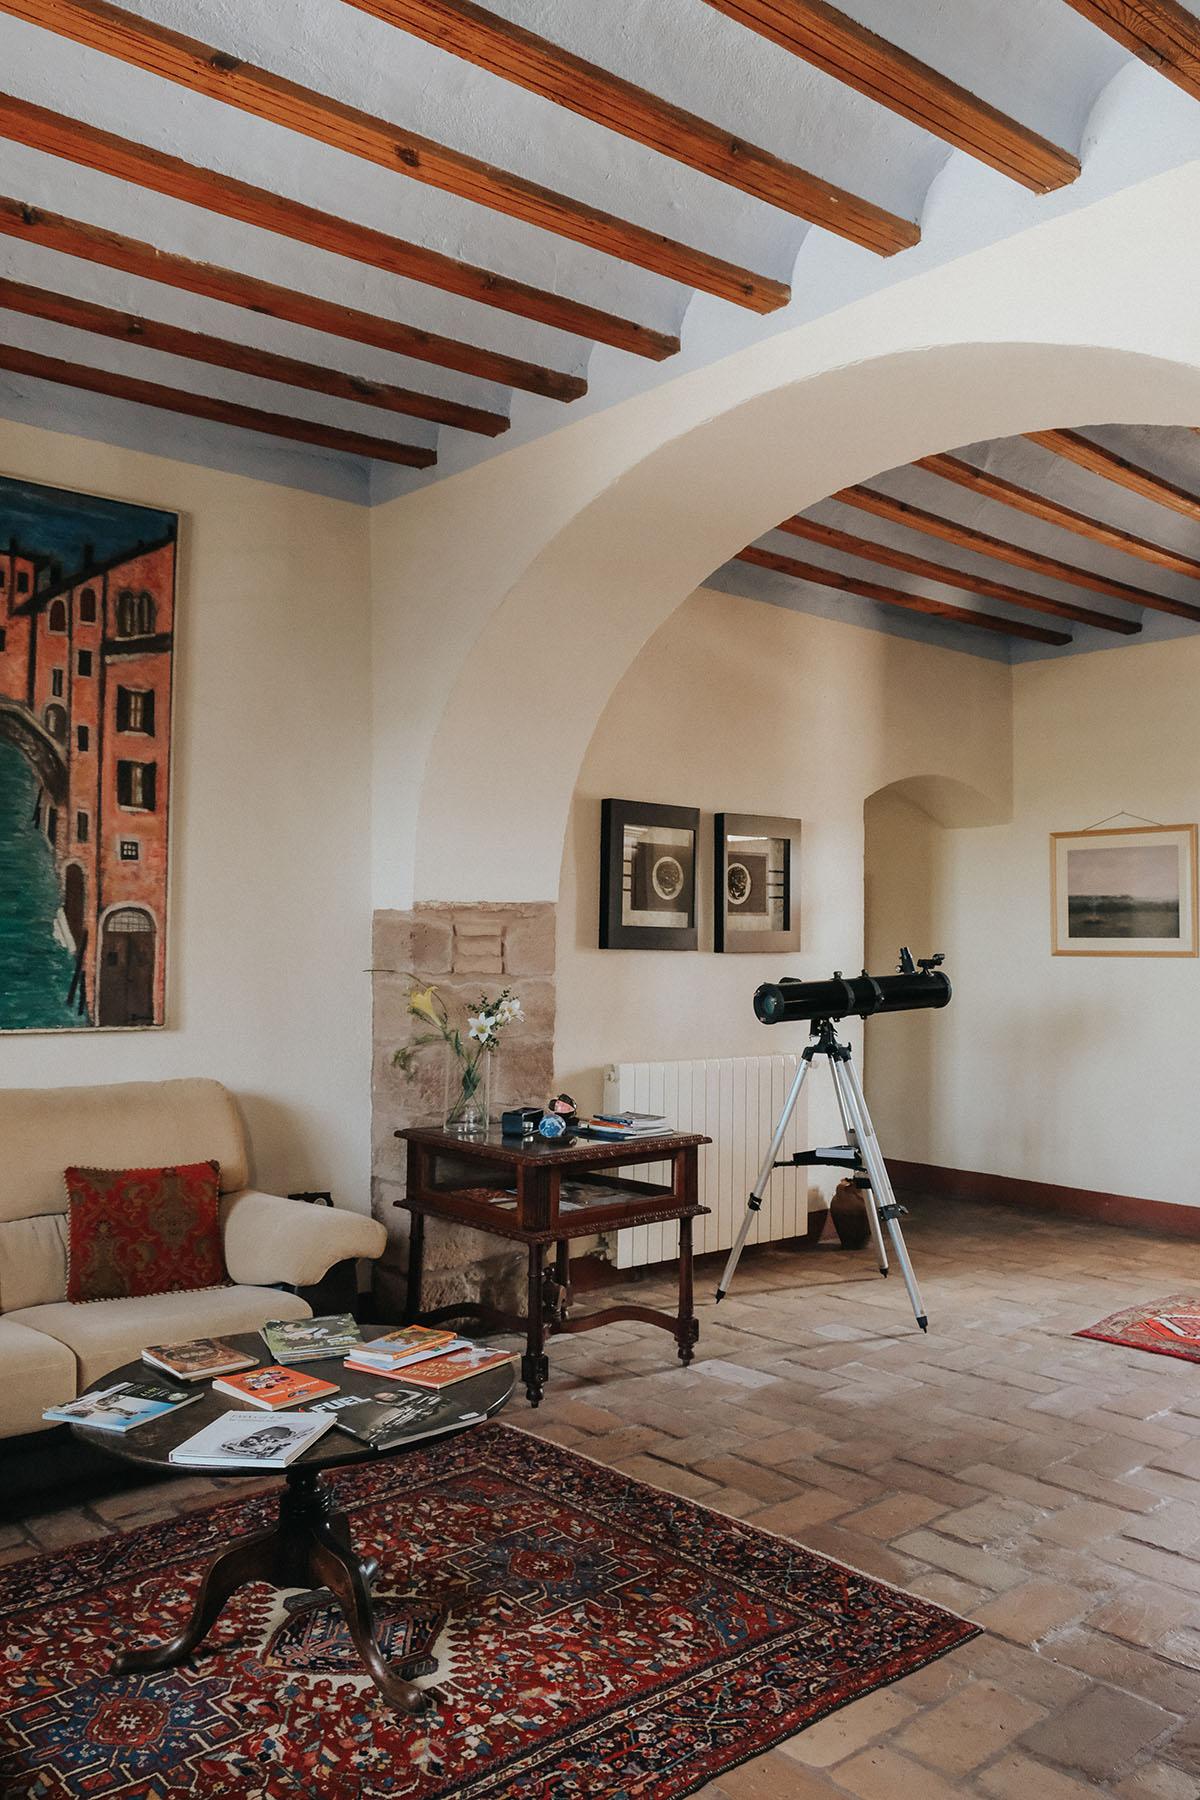 Parte del salón de la casa. Telescopio para ver las estrellas, libros, juegos…